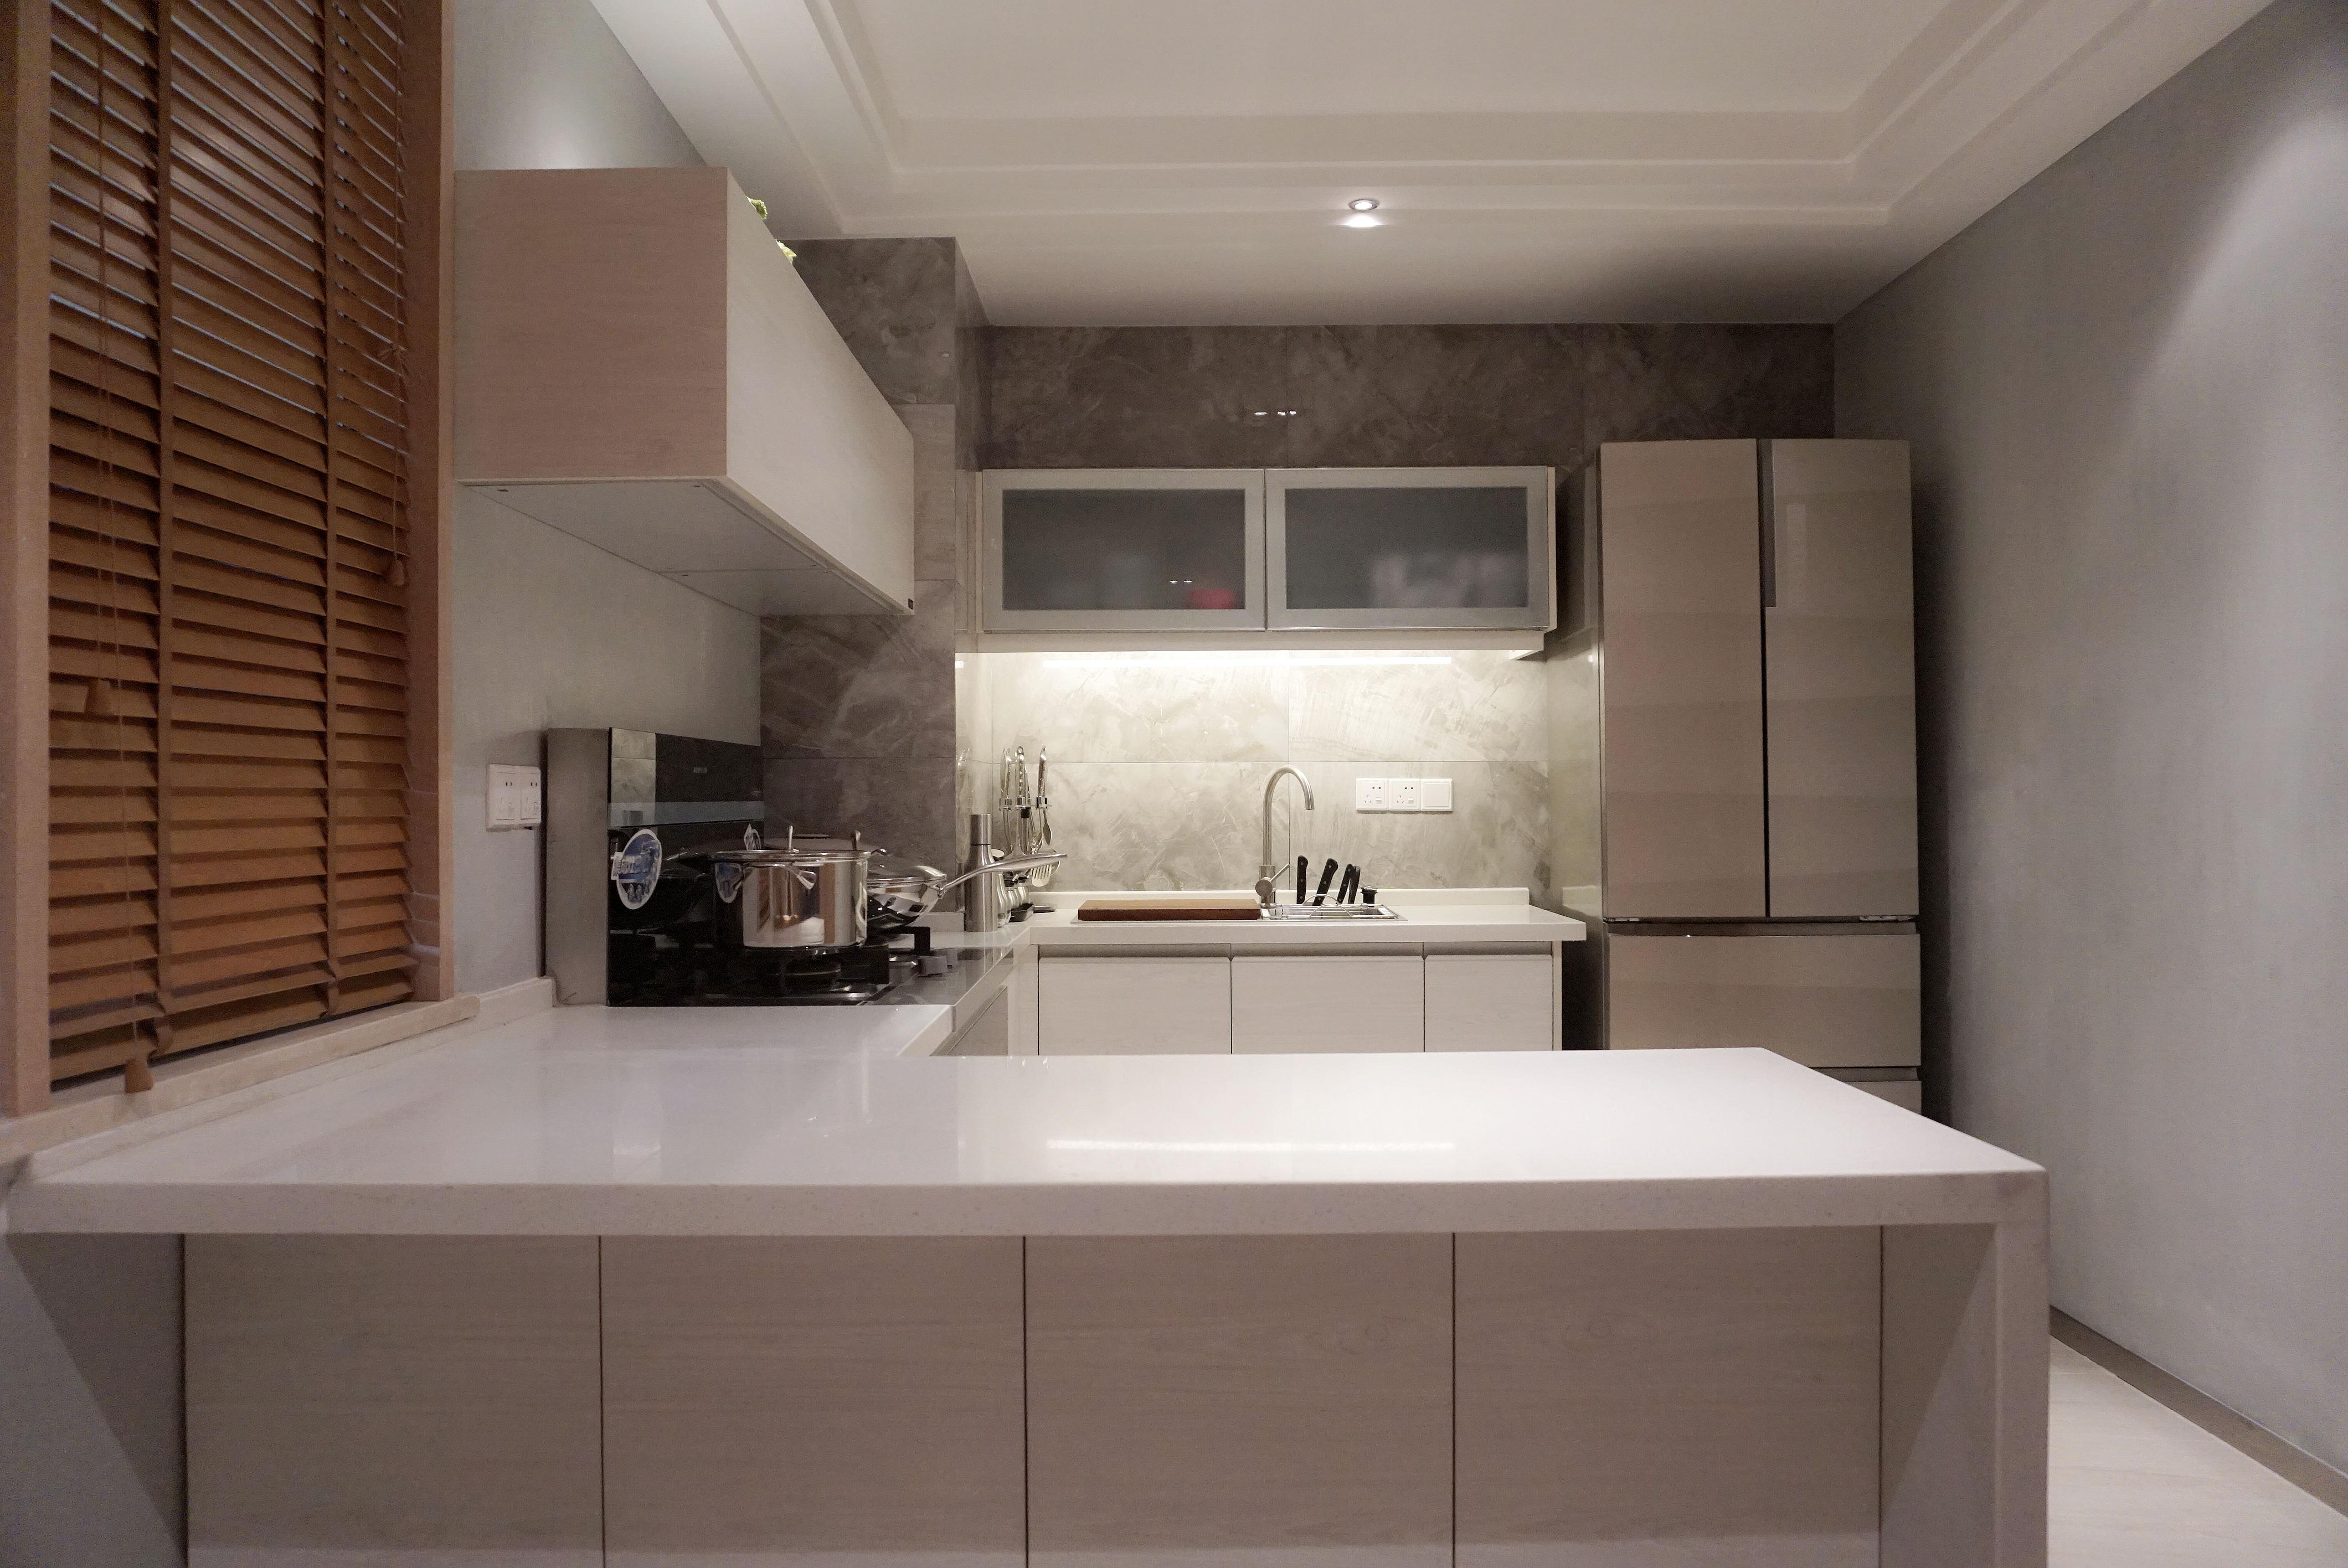 简约 二居 收纳 80后 小资 天汇设计 新中式 禅意中式 厨房图片来自游小华在《朴居》的分享